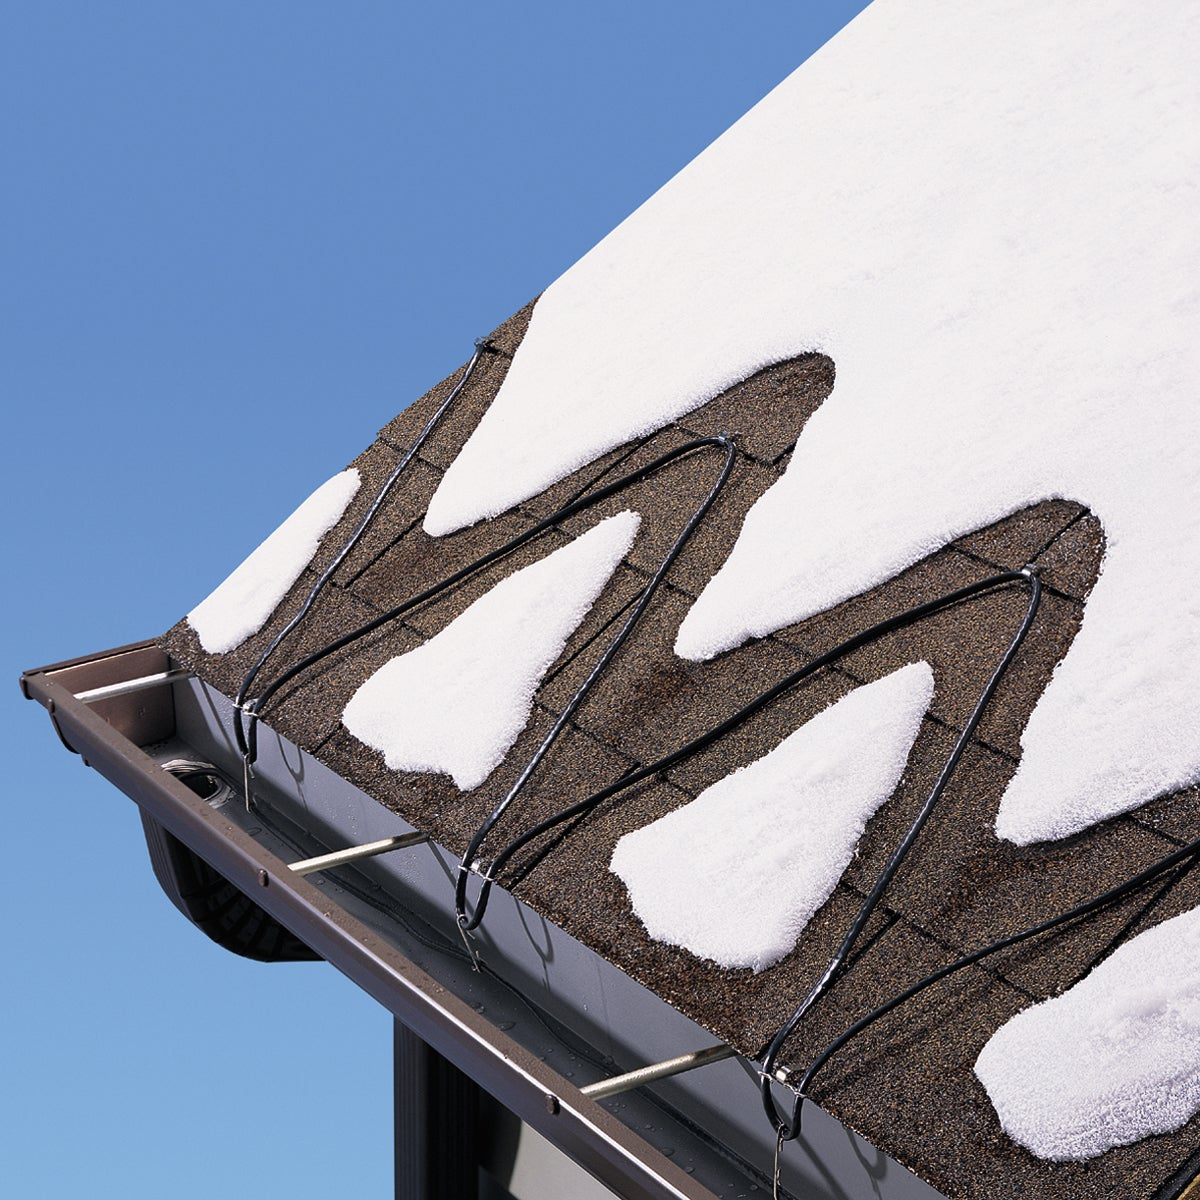 Easy Heat Adks-100 20' 100 Watt Electric Roof De Icing Ca...